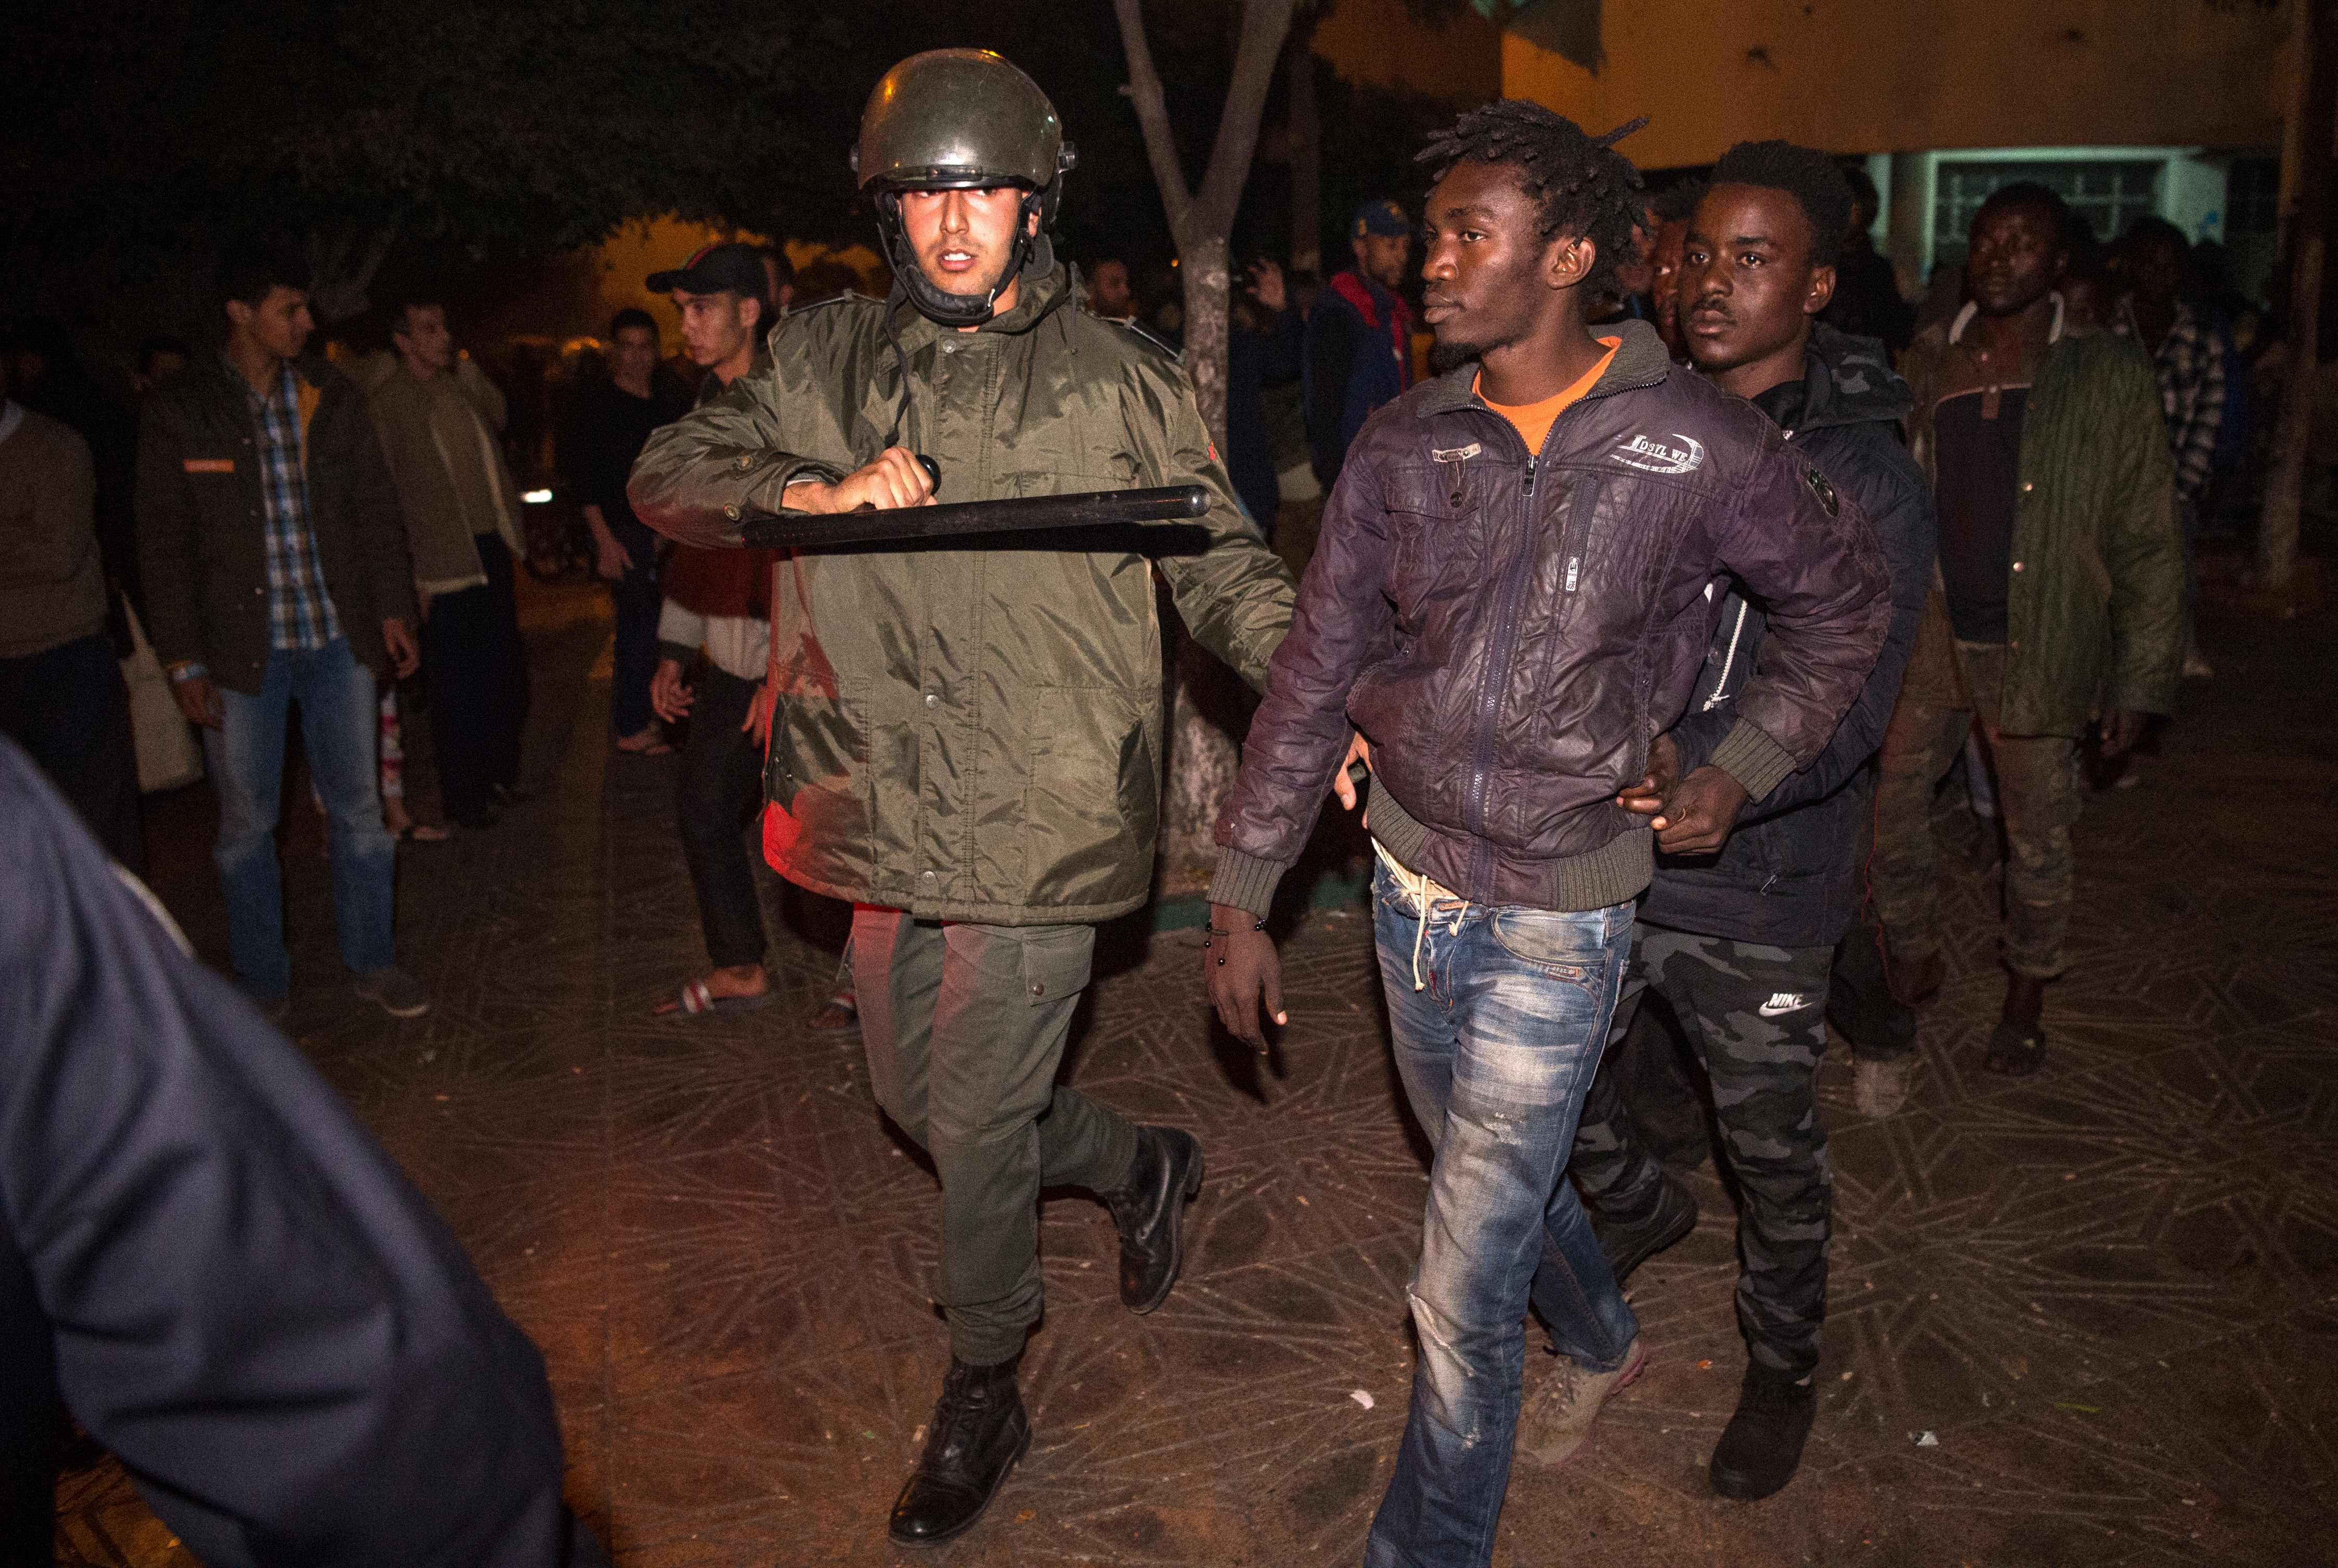 الشرطة المغربية تعتقل أحد المهاجرين المشاركين فى الشغب